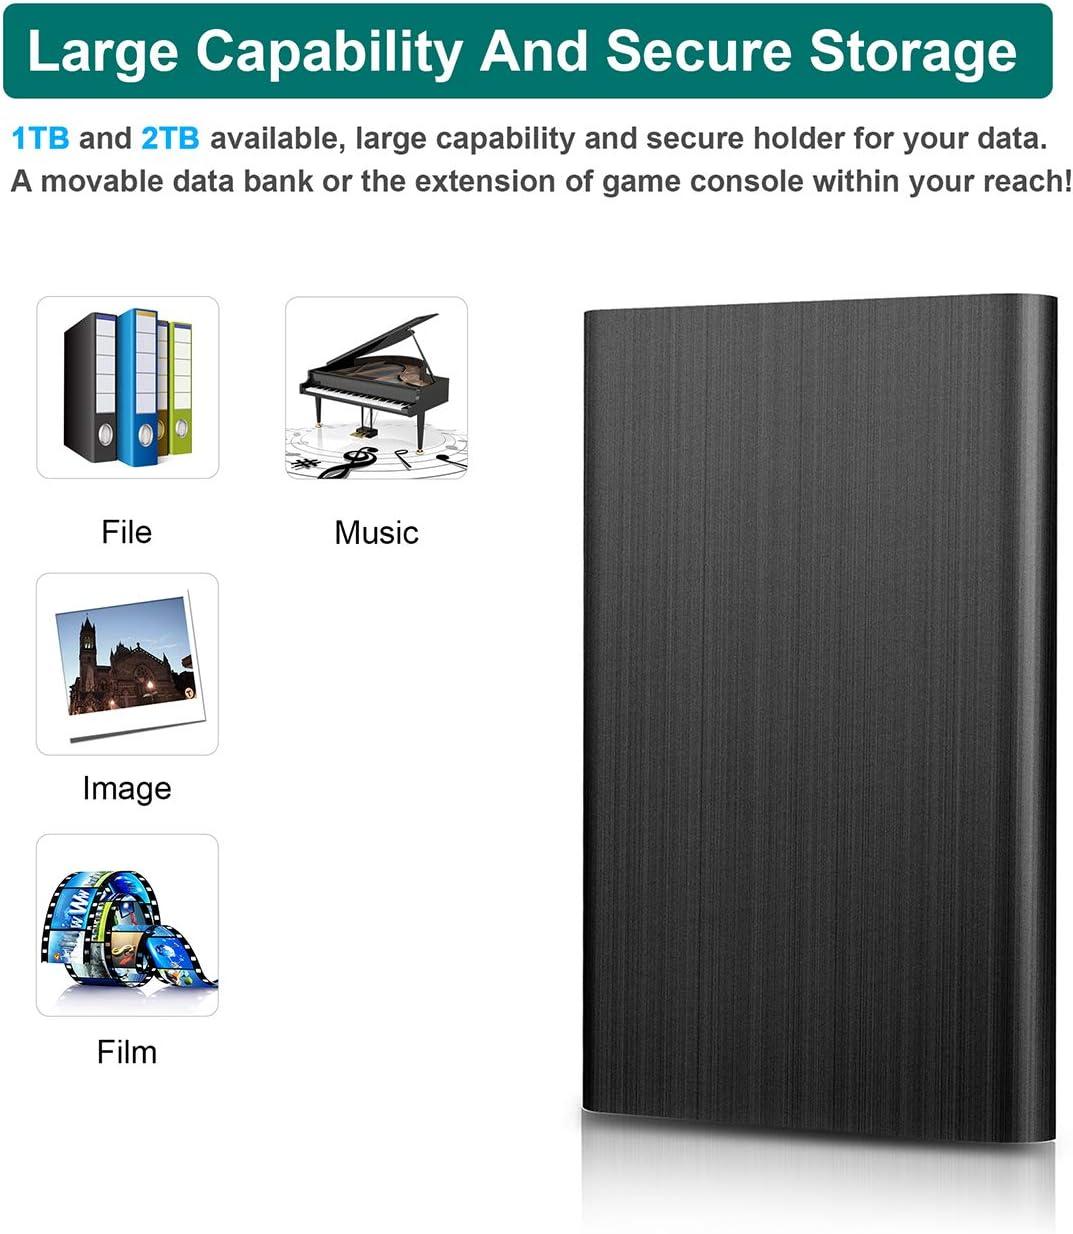 MacBook 1To,Bleu Xbox 360 Laptop Desktop ps4 Disque Dur Externe 1to,Disque Dur Externe USB3.0 pour PC Mac Chromebook Xbox One